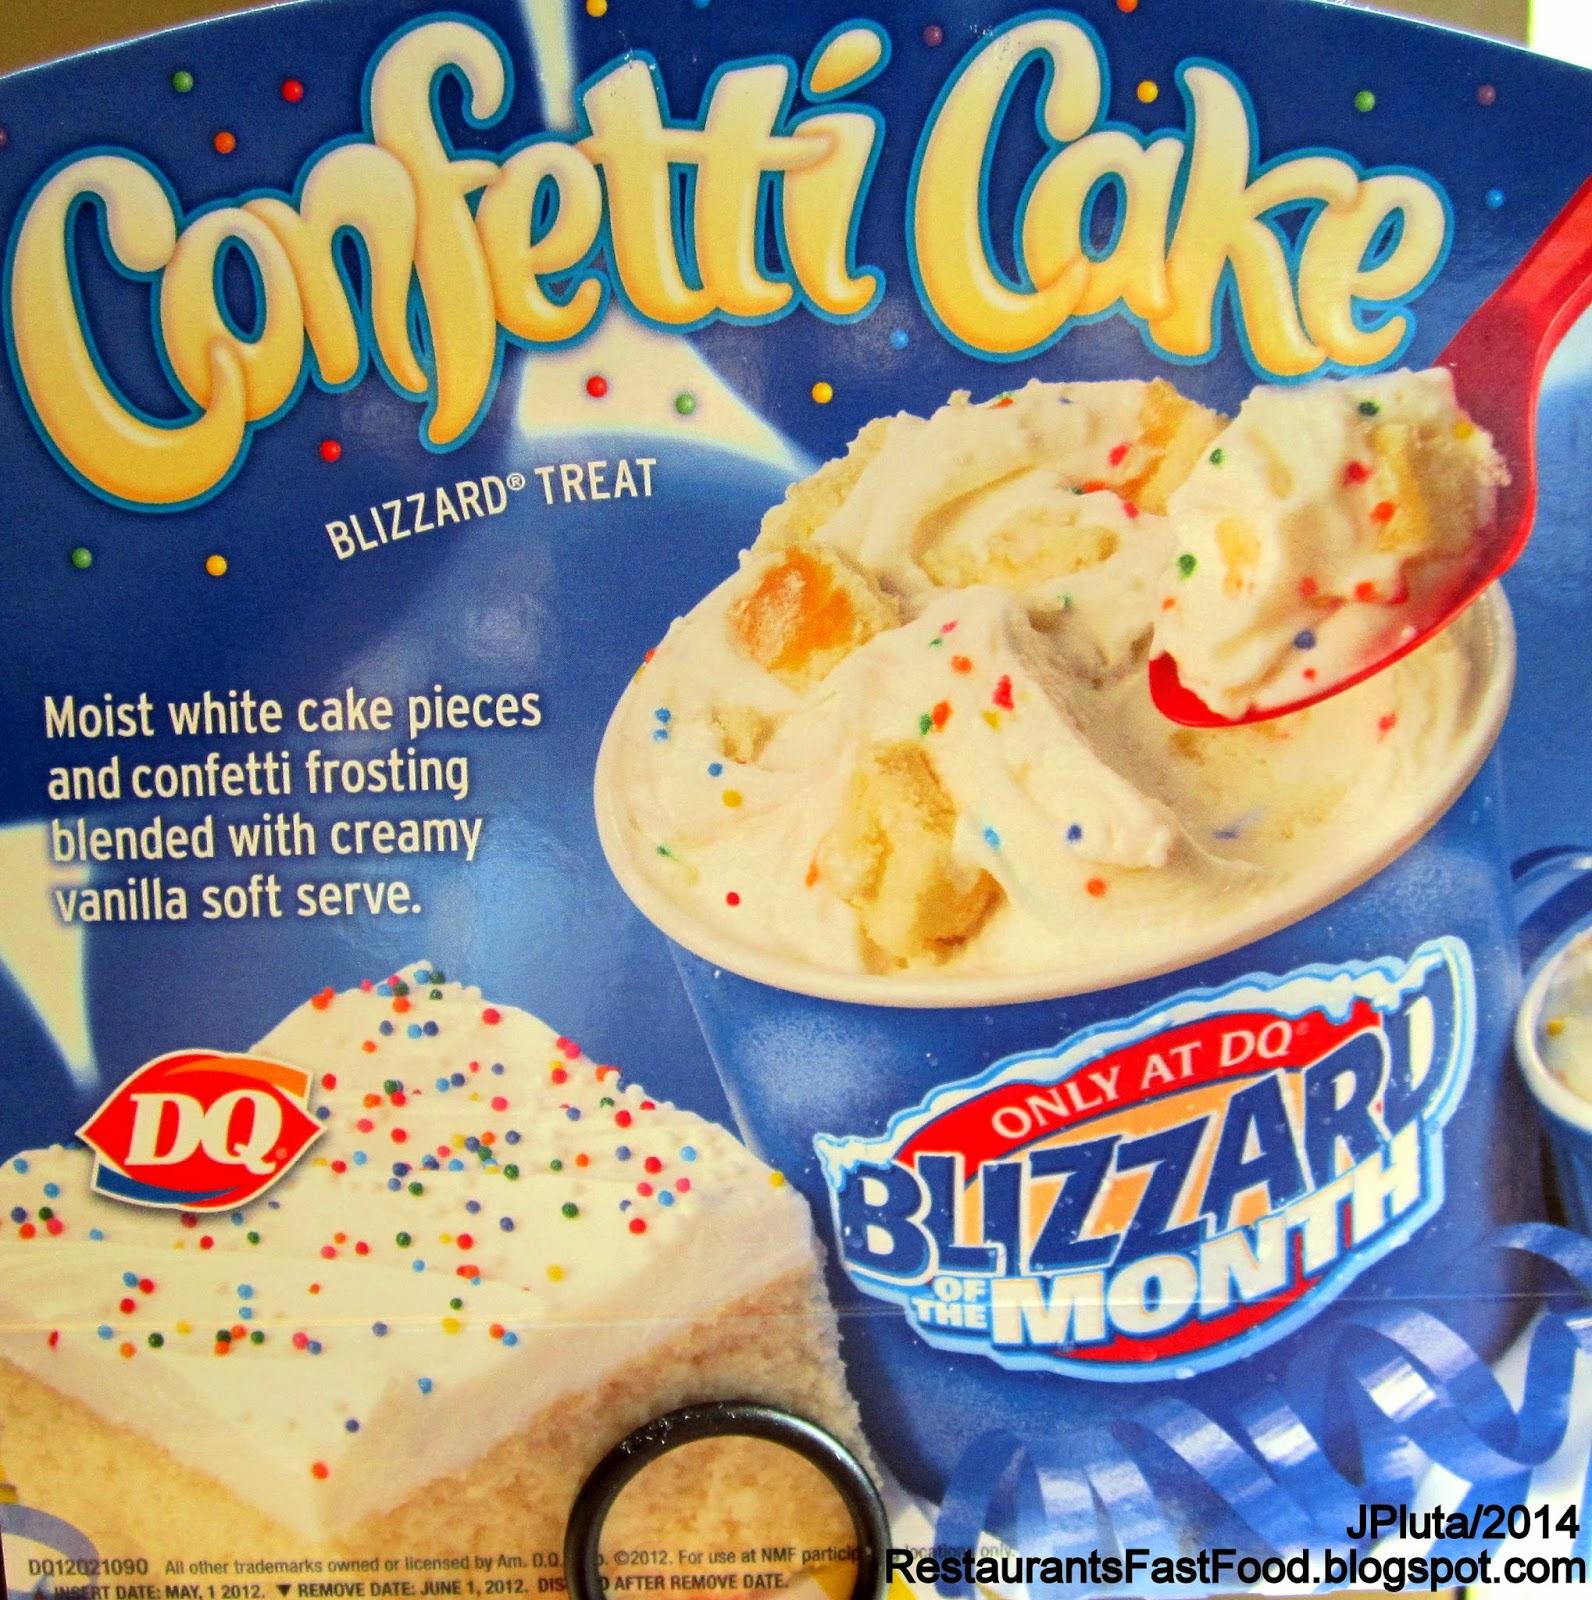 Confetti Cake Ice Cream Dairy Queen